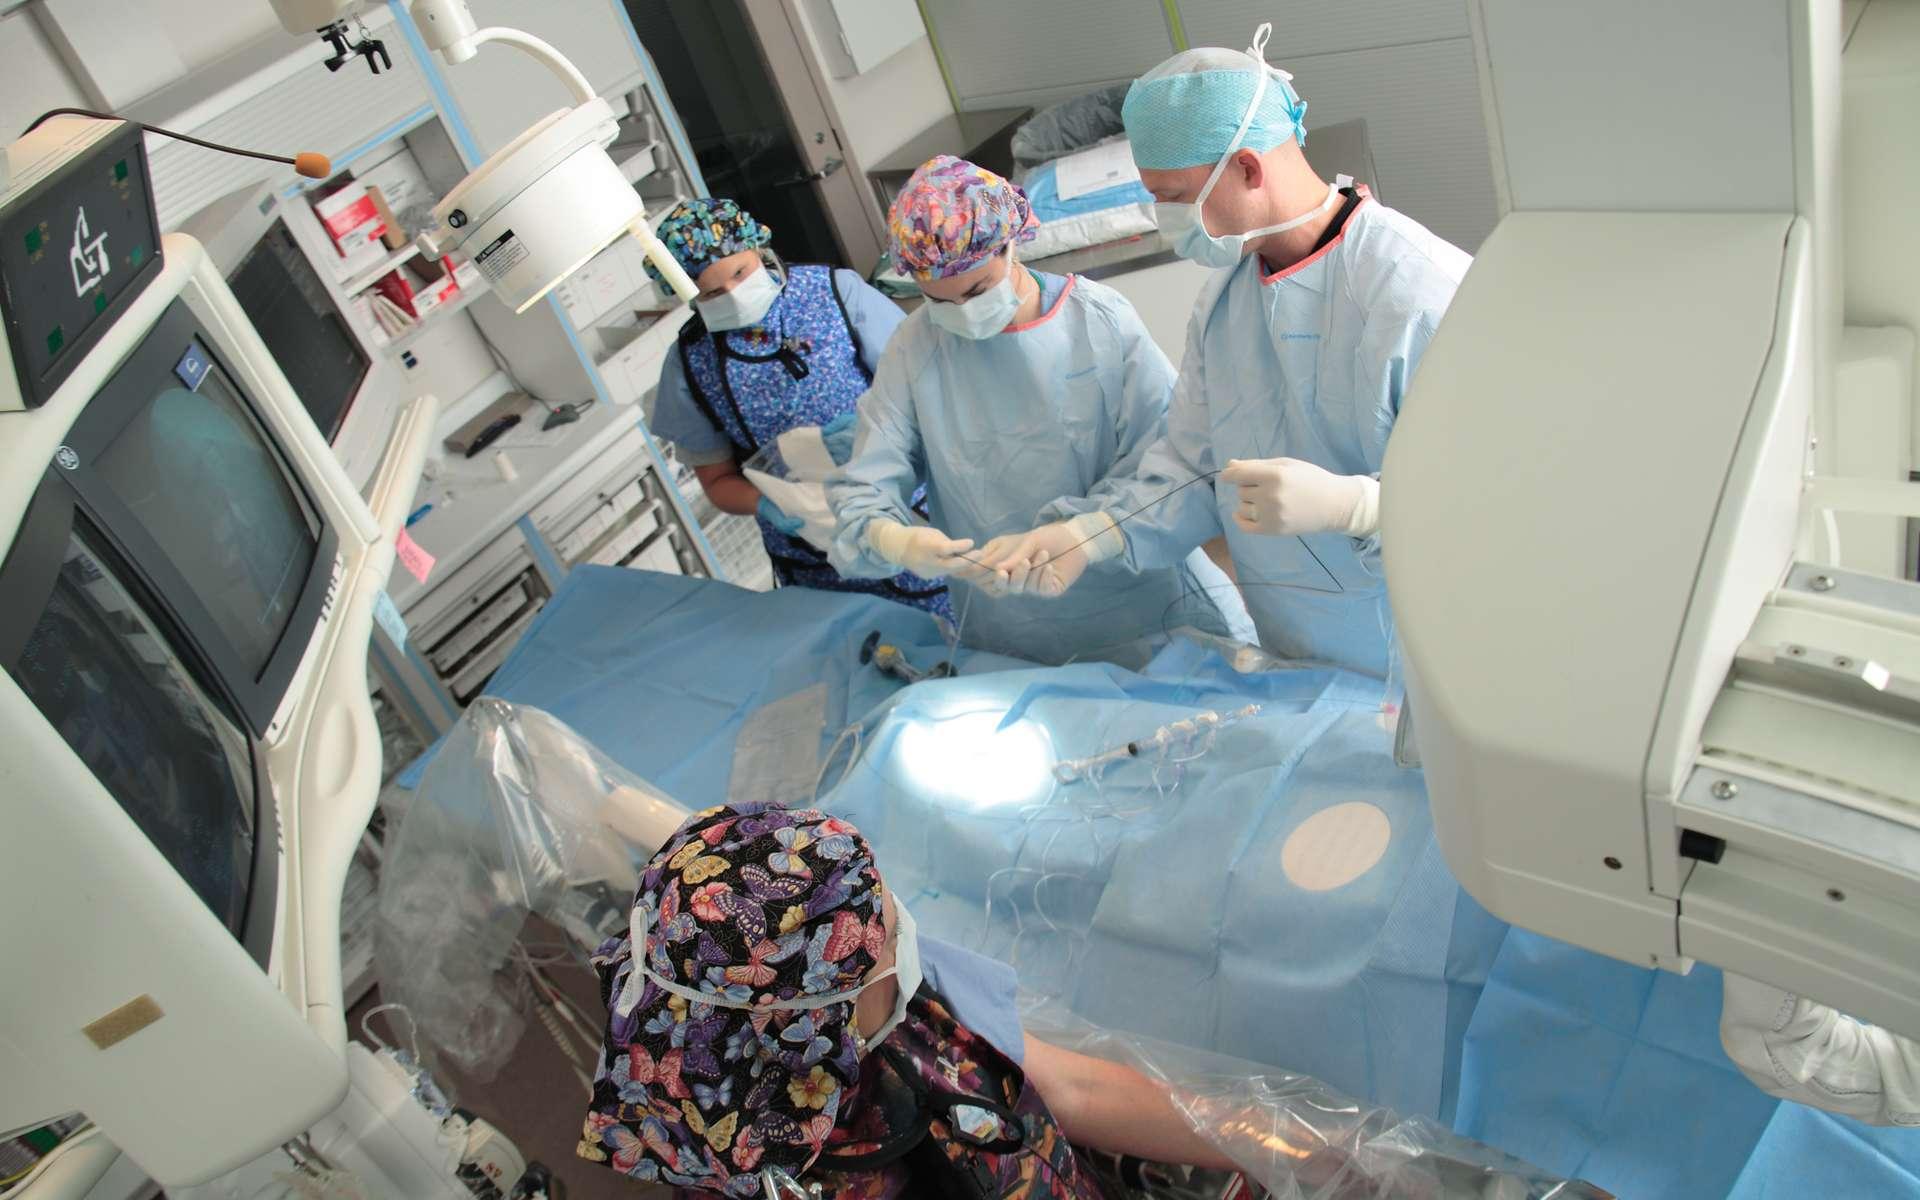 Les médecins ont réalisé une opération du cœur avec un cathéter, ce qui évite d'ouvrir le thorax. © Penn State, Flickr, CC by-nc 2.0